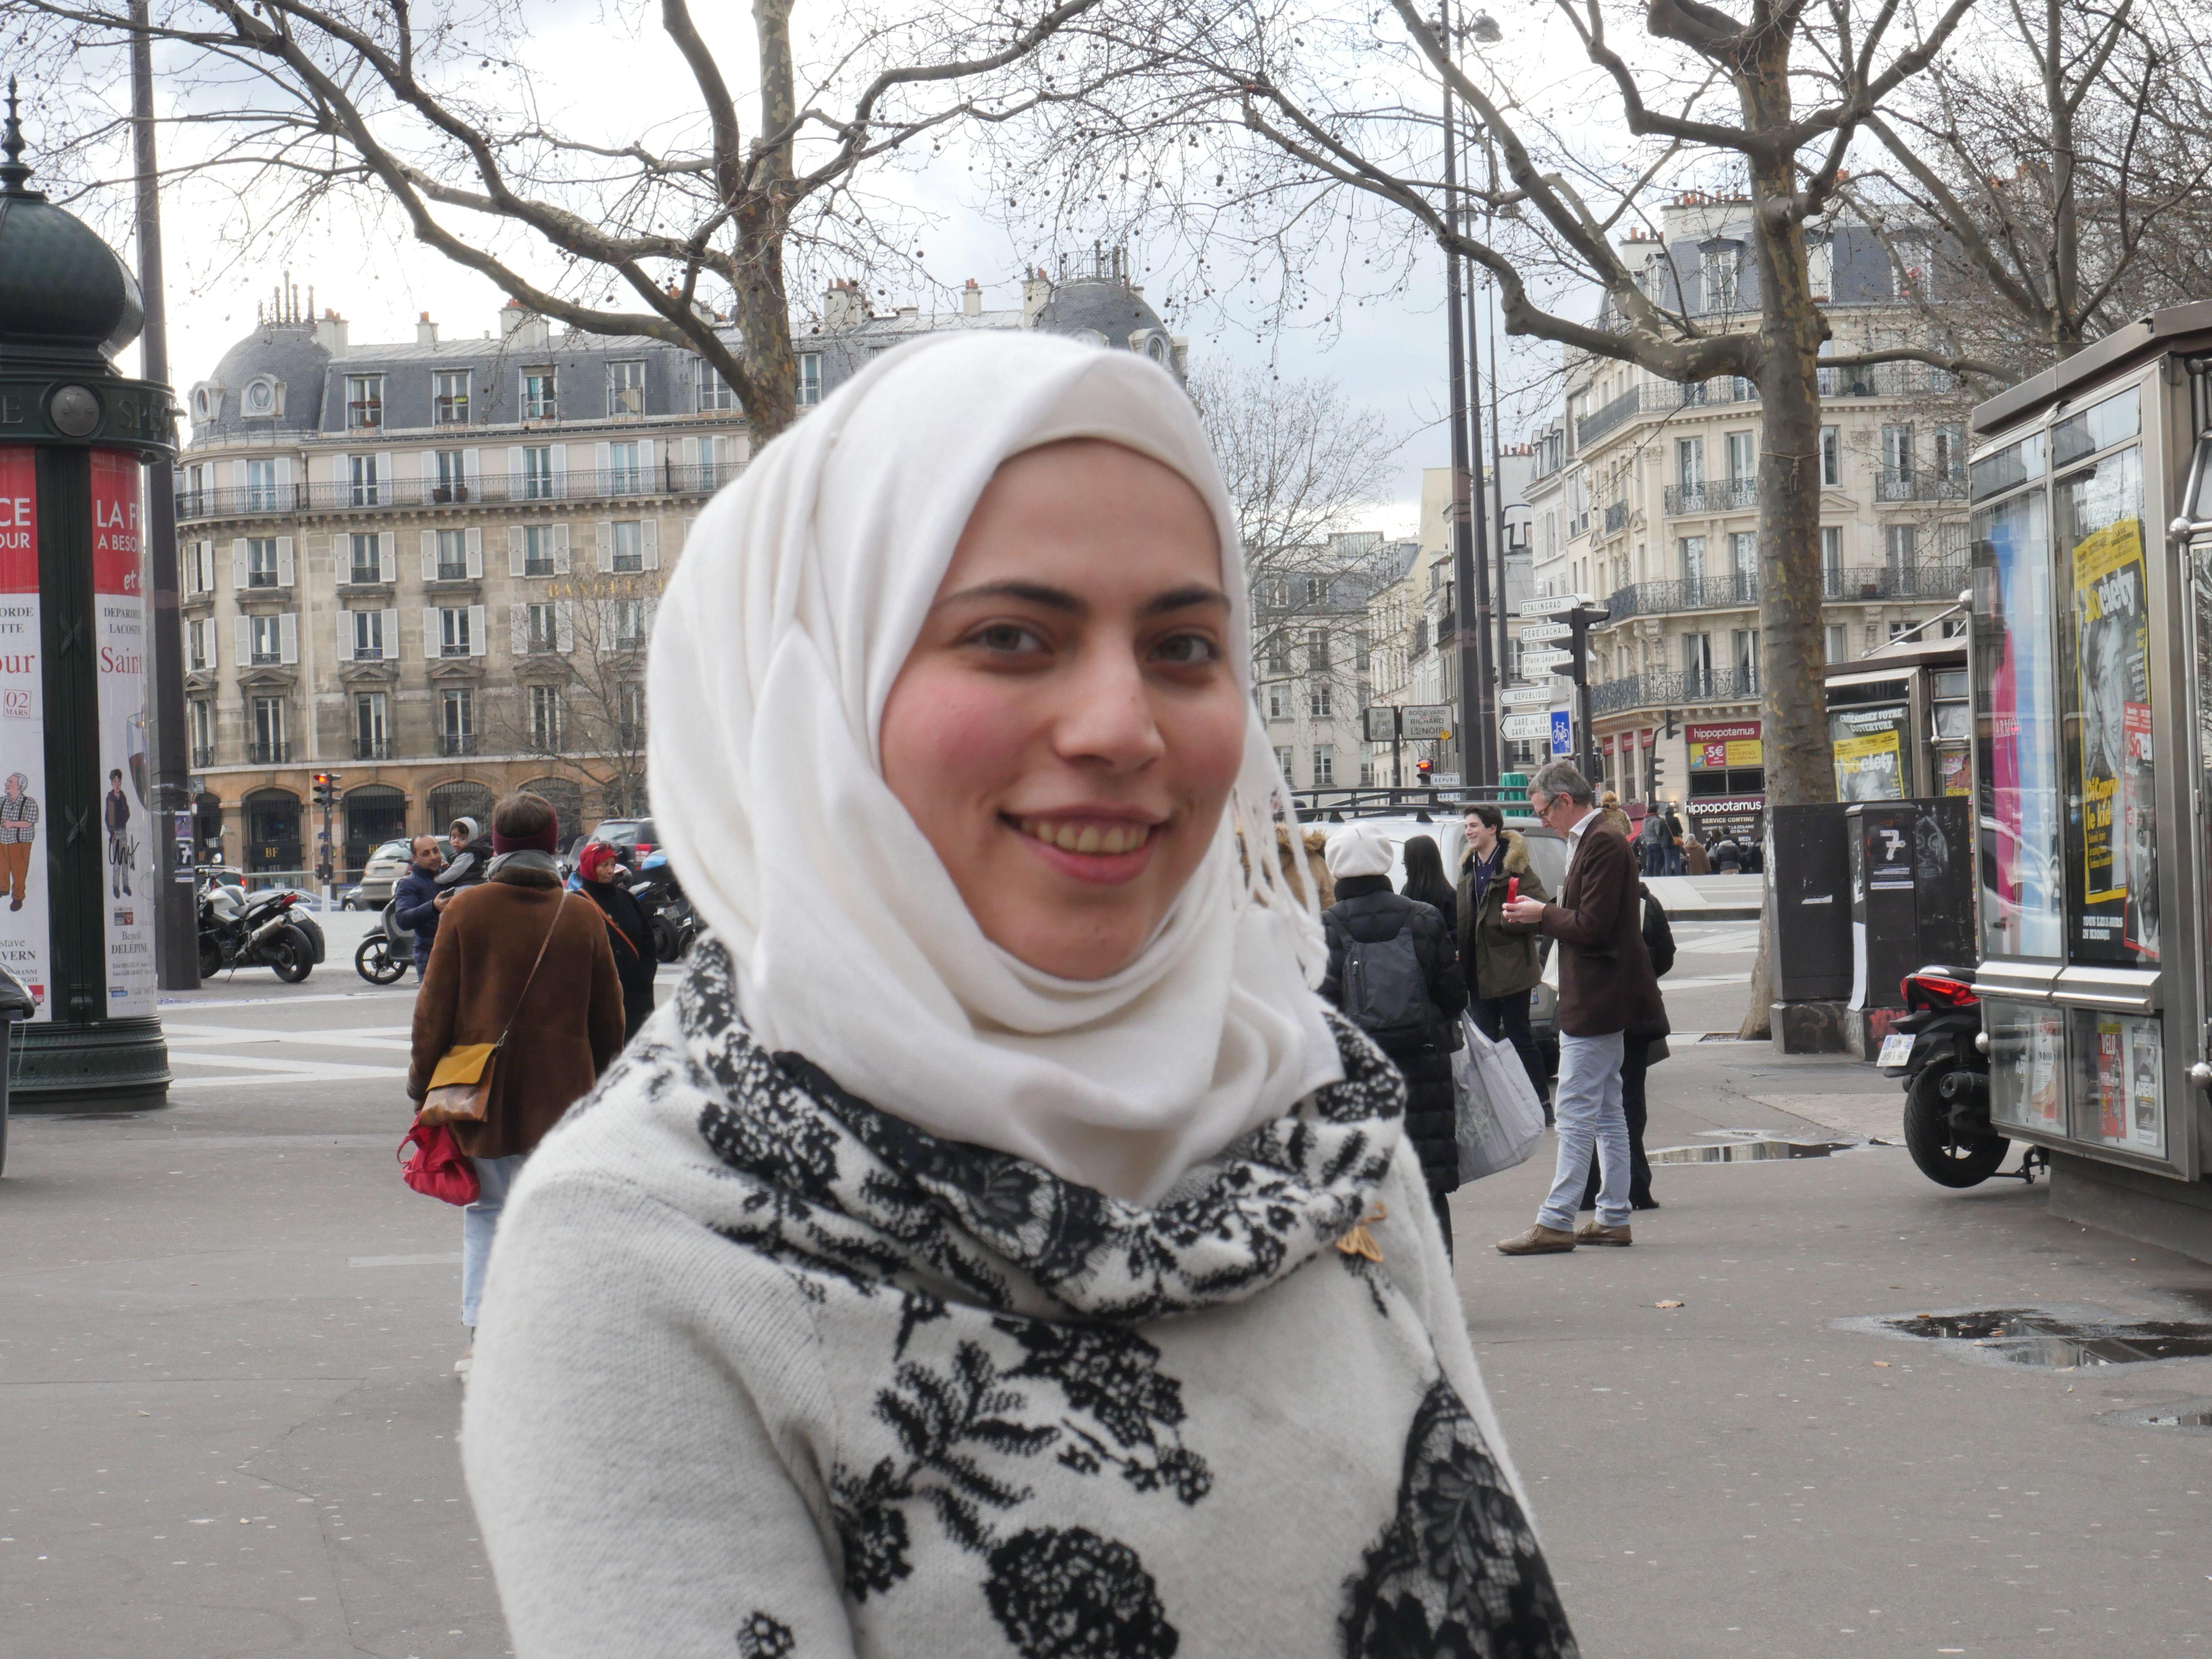 Lujain, place de la Bastille à Paris au mois d'avril 2016 (Crédit photo : A.-L. S)